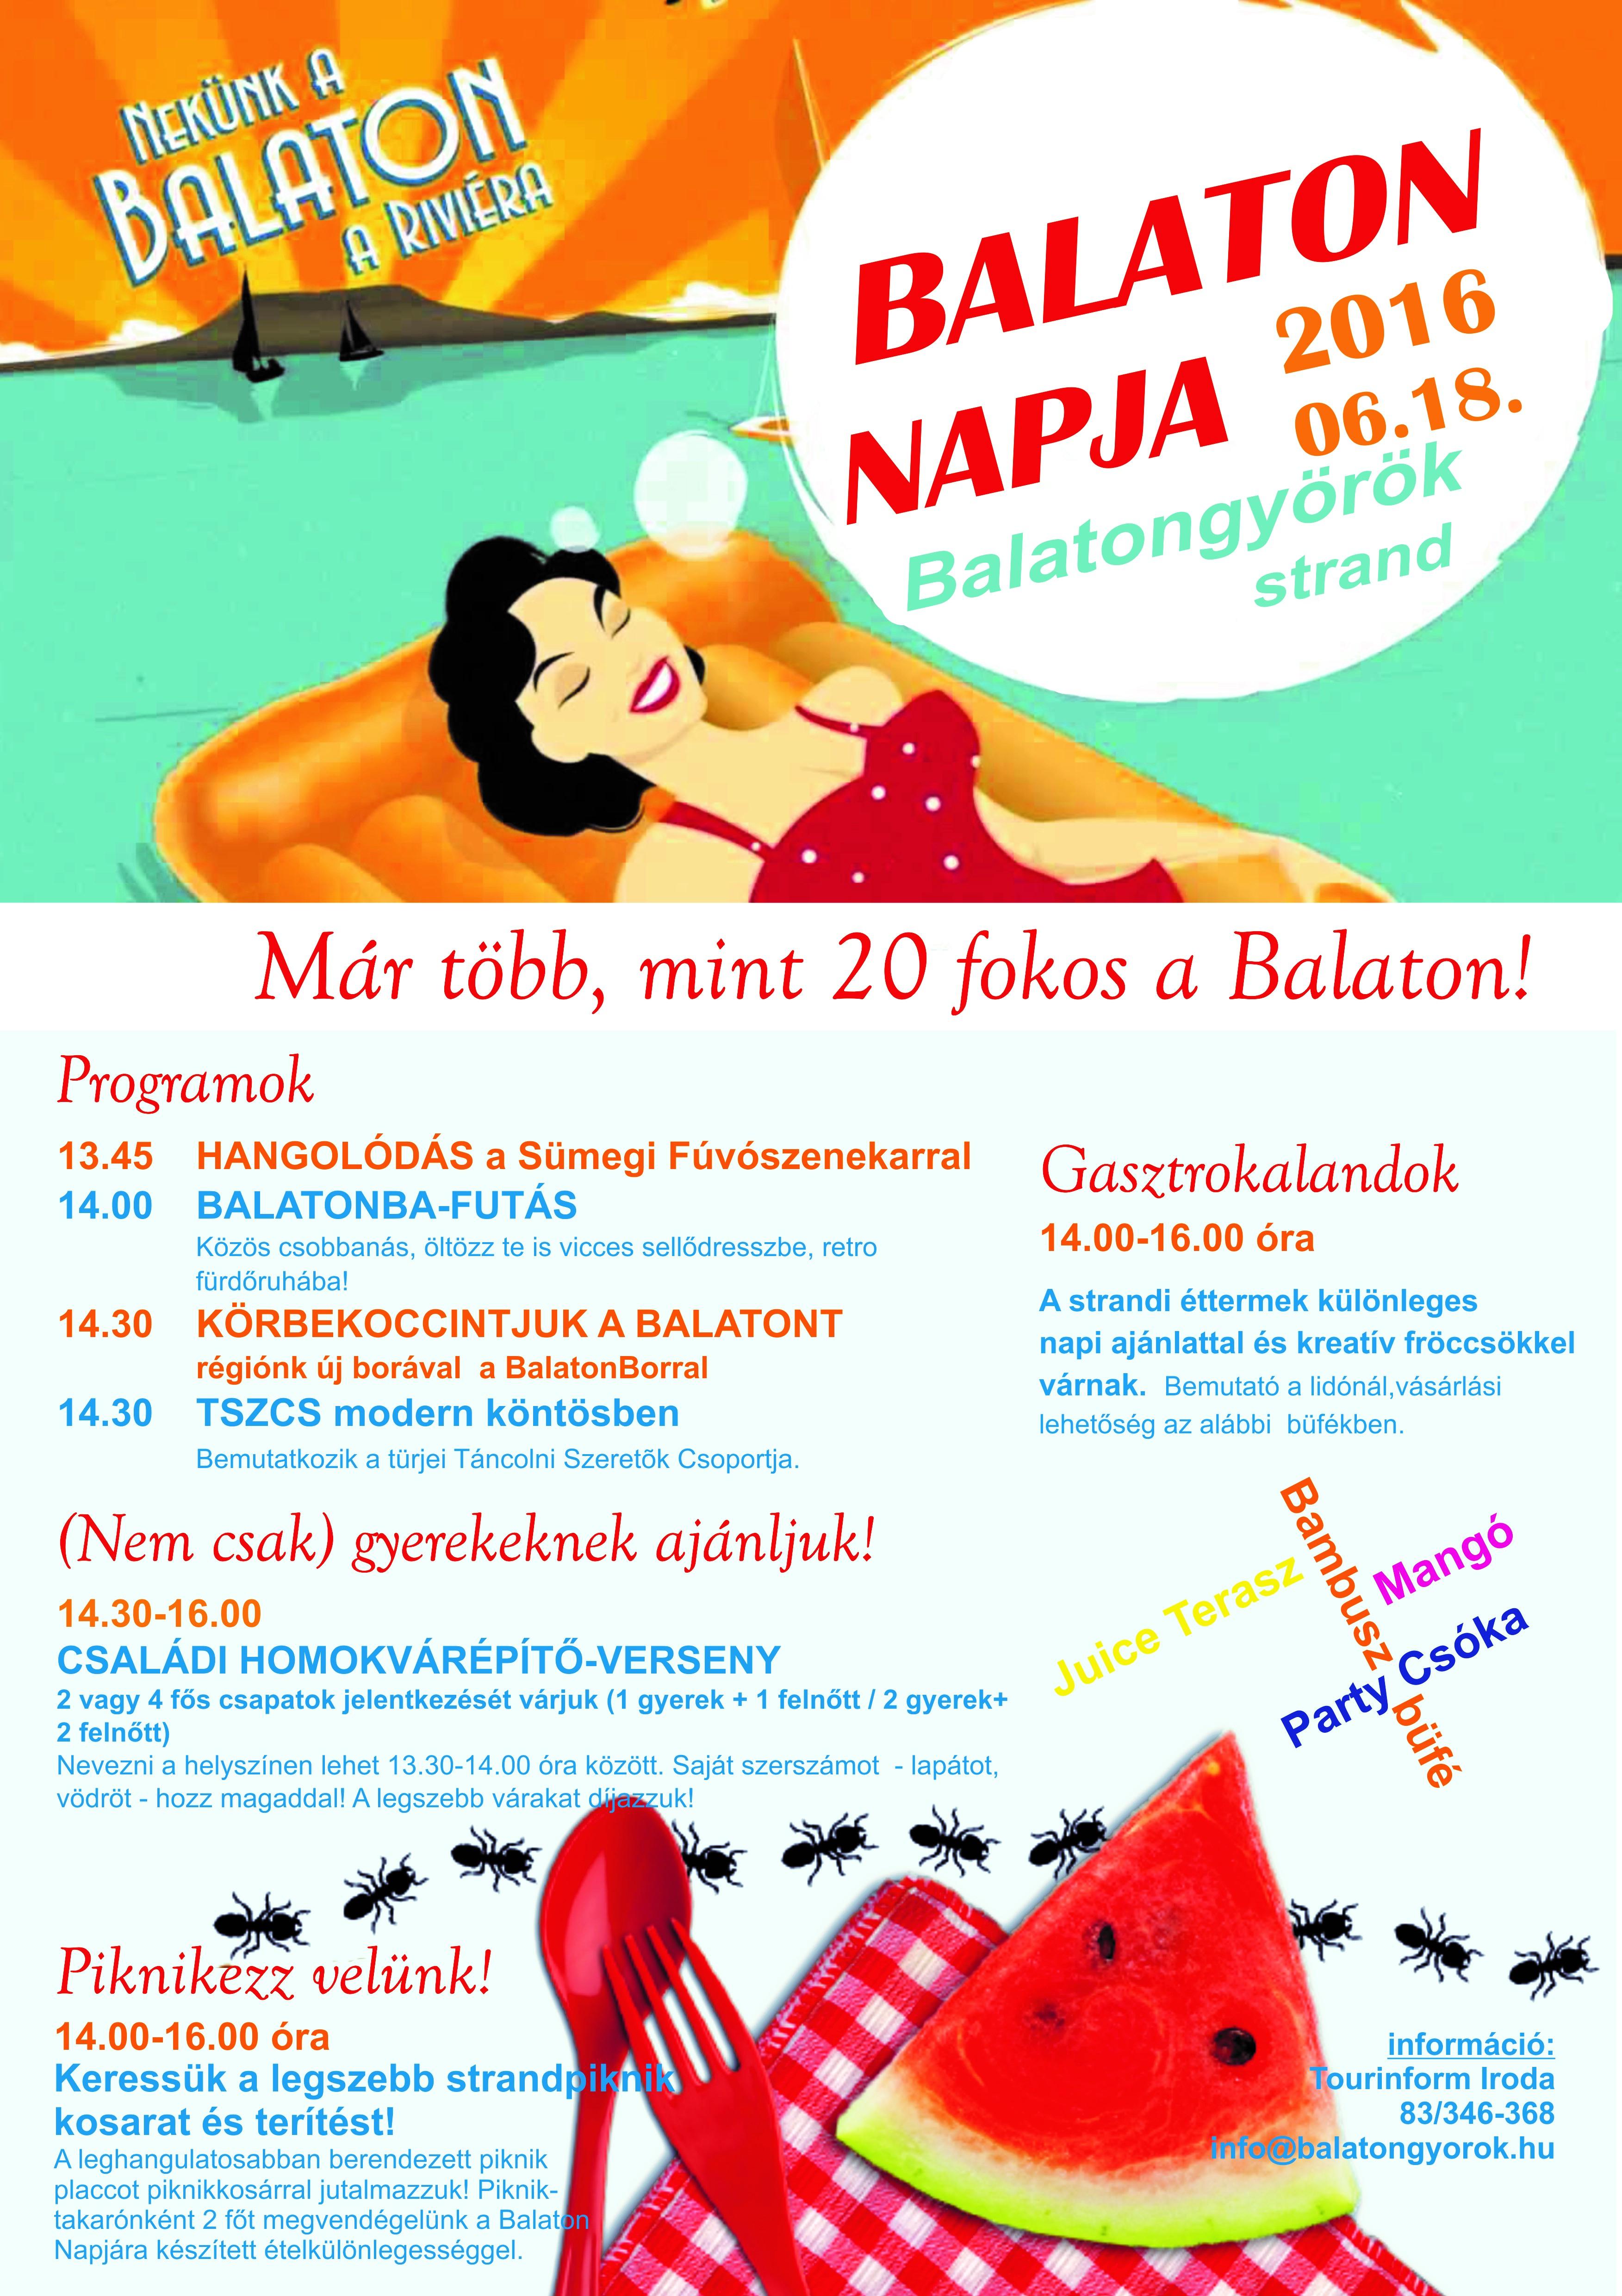 Balaton Napja 2016 (2)